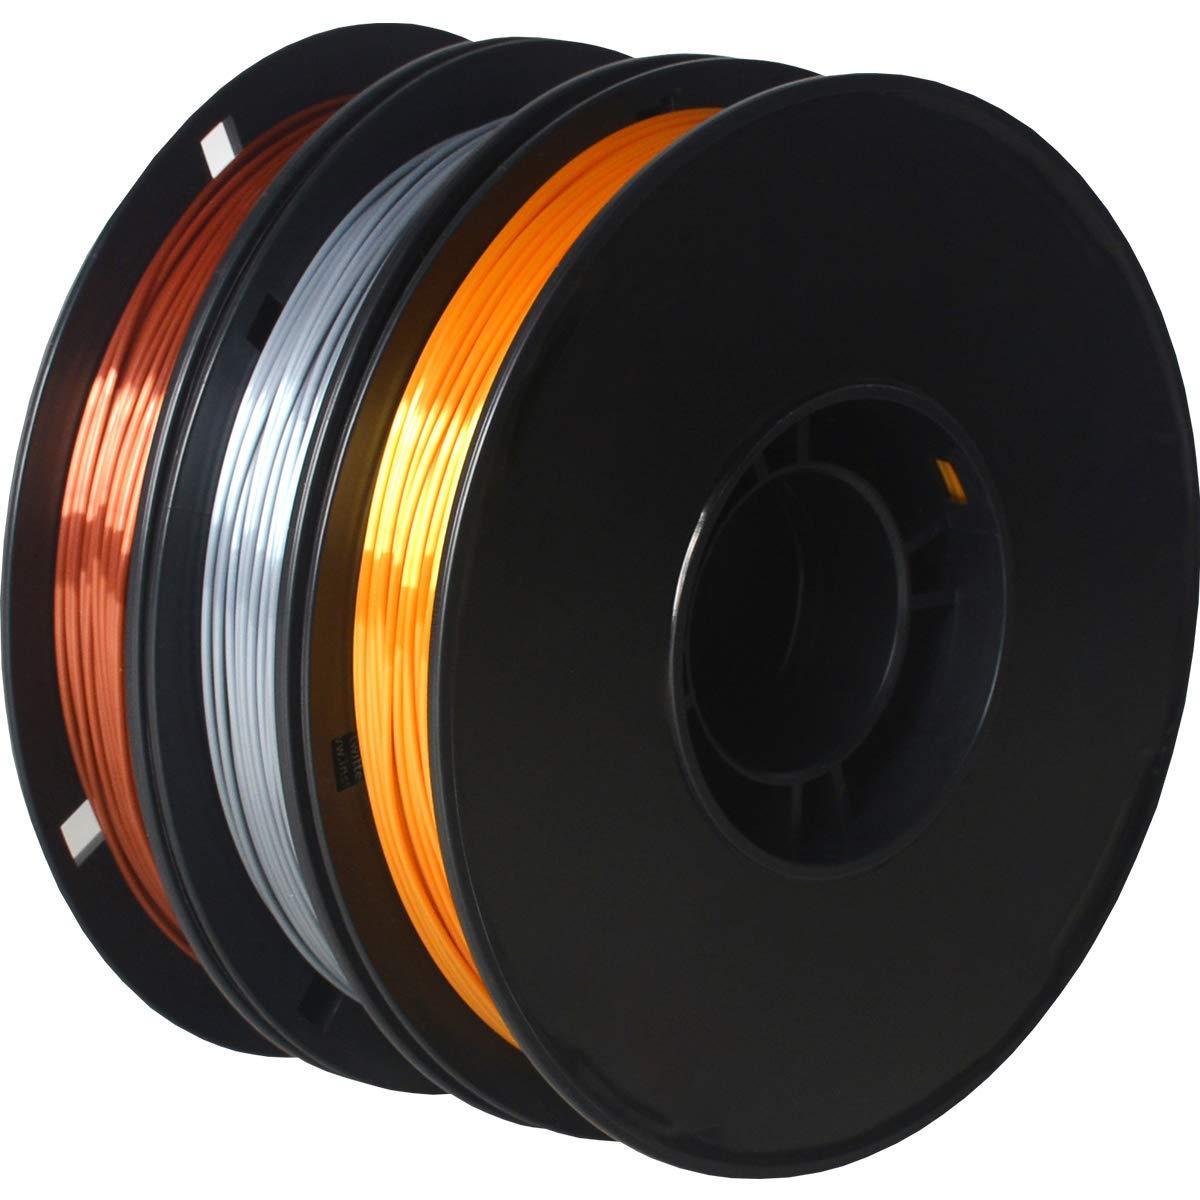 GIANTARM - Filamento de seda PLA 1,75 mm, para impresora 3D, 0,5 ...